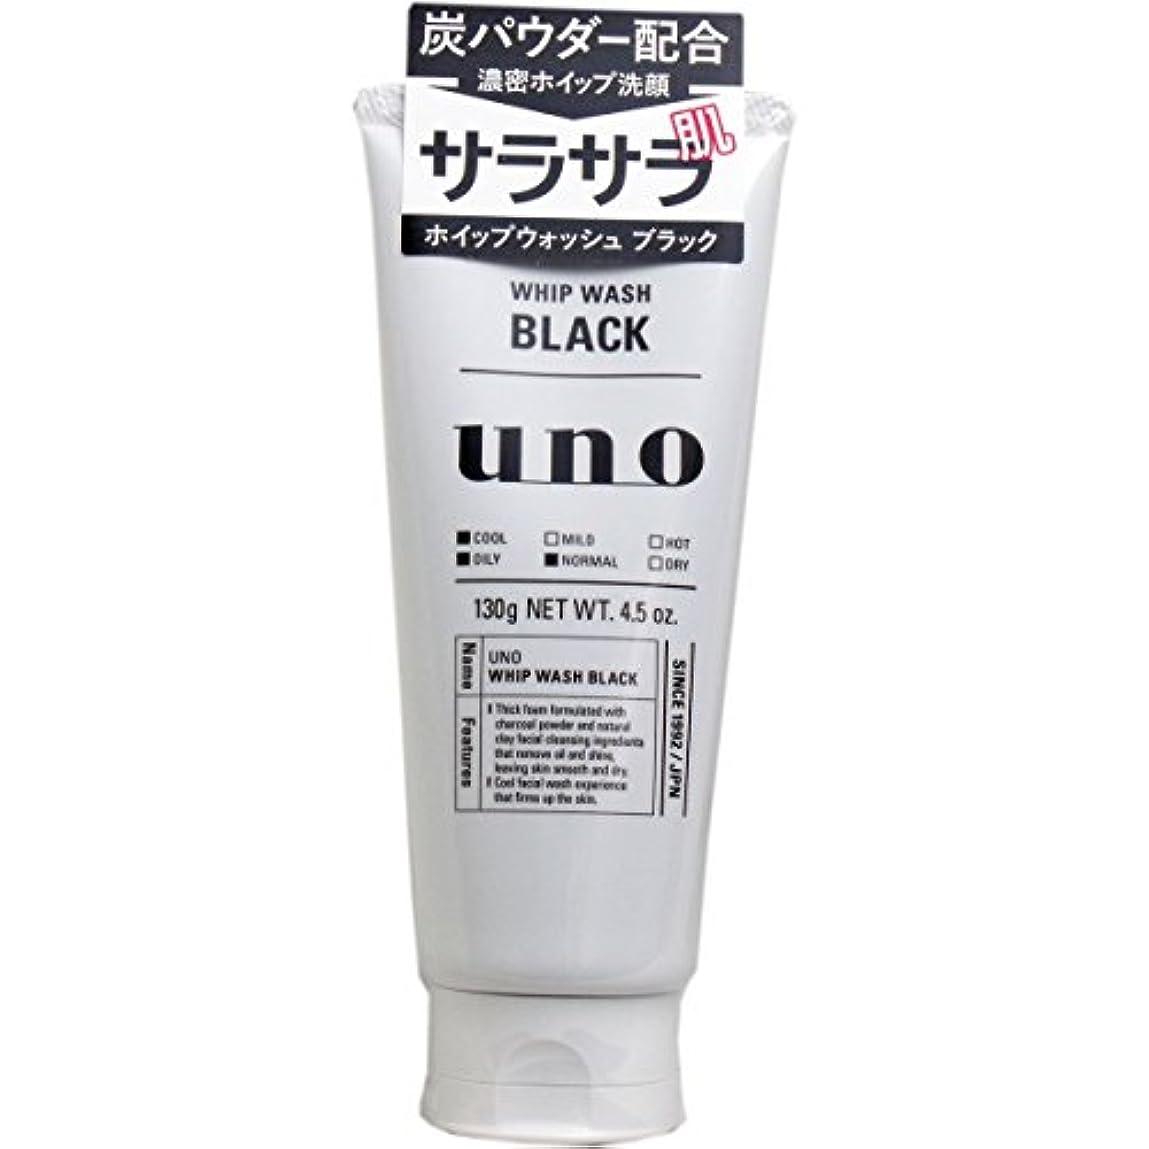 アッティカス基準修理工【まとめ買い】ウーノ ホイップウォッシュ (ブラック) 洗顔料 130g×4個